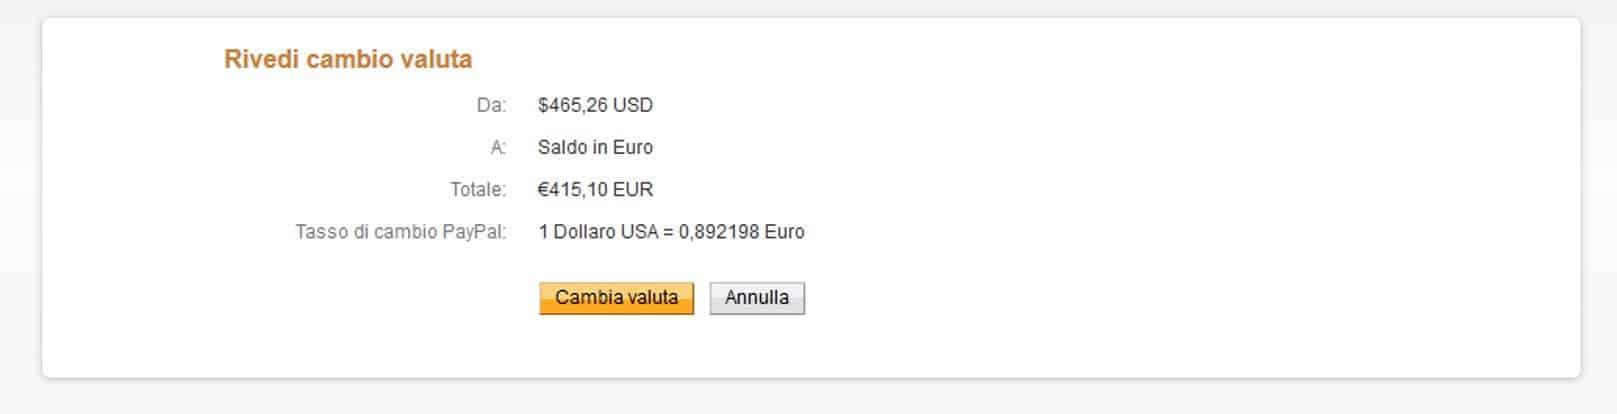 Rivedi cambio valuta